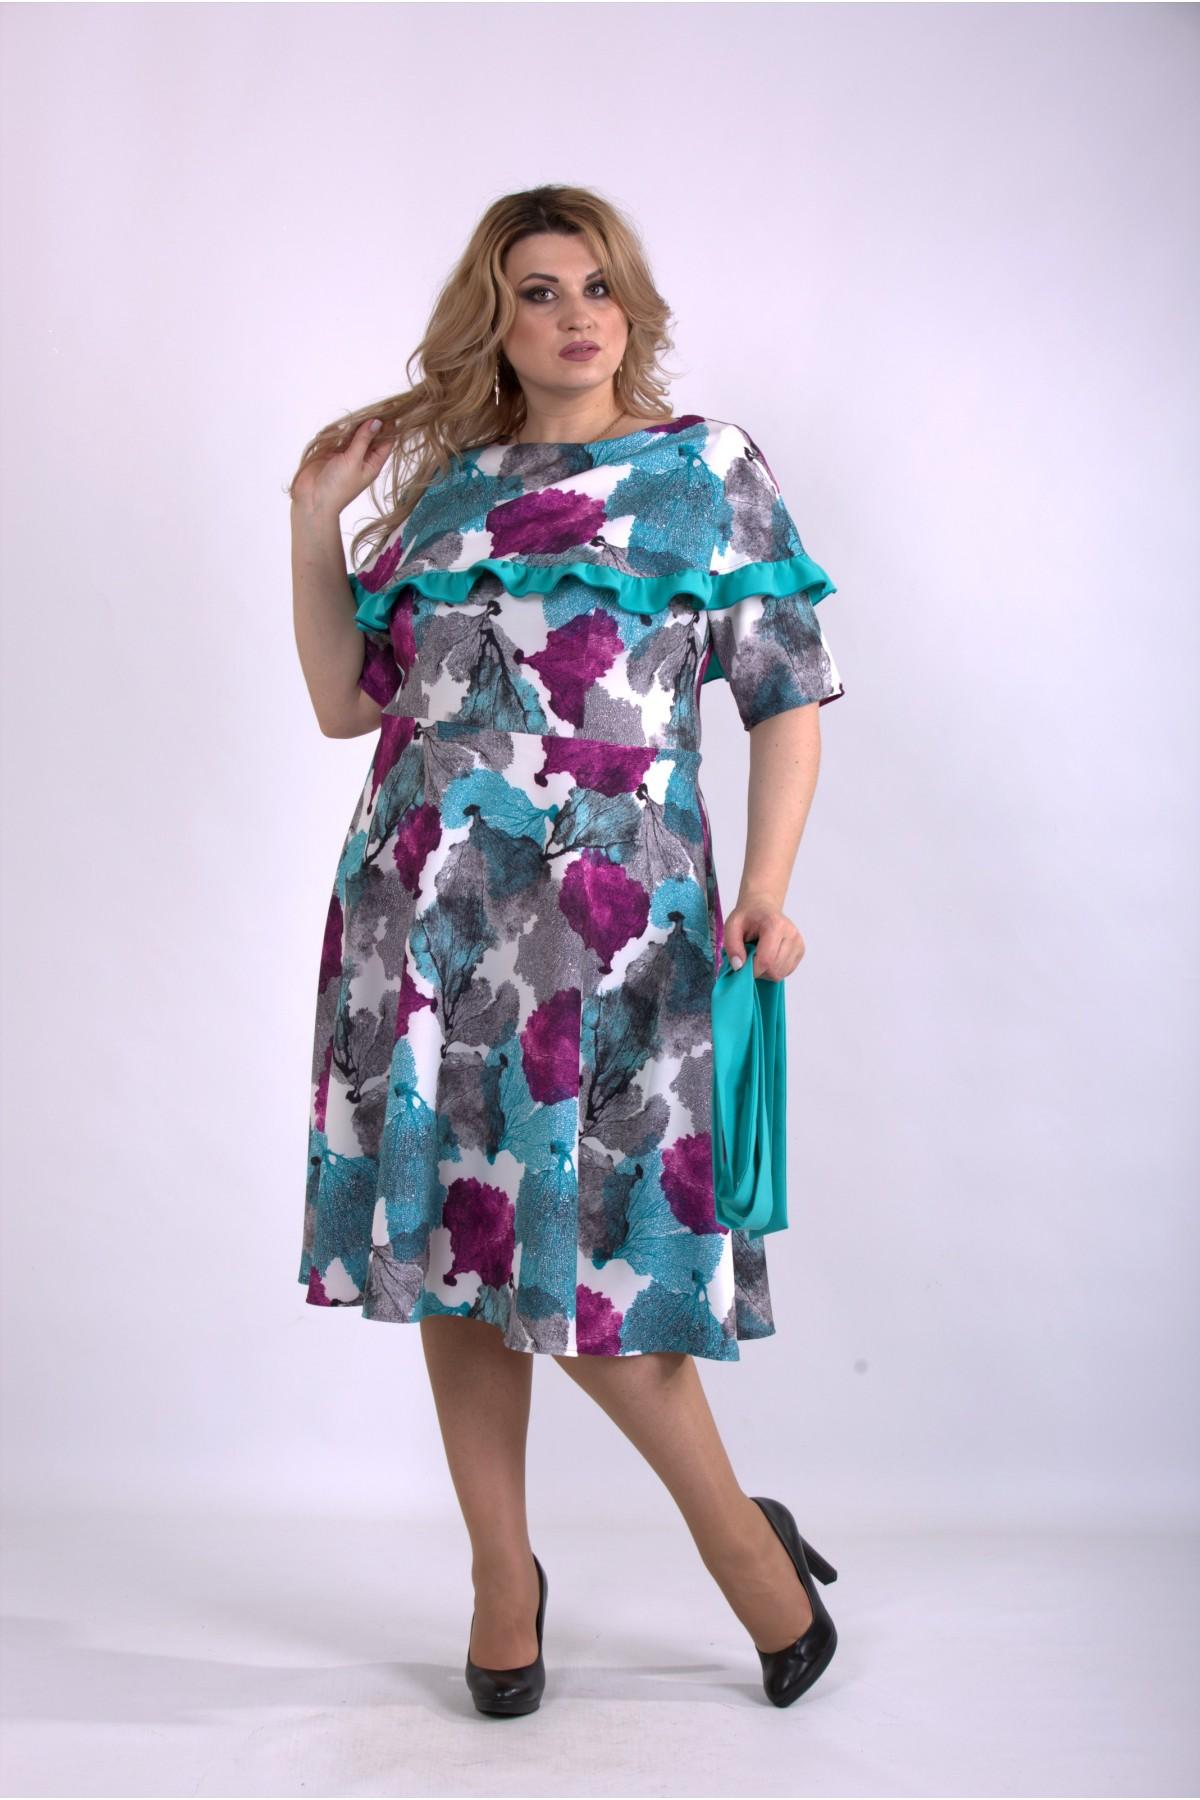 01137-1 | Бирюзовое платье с цветами